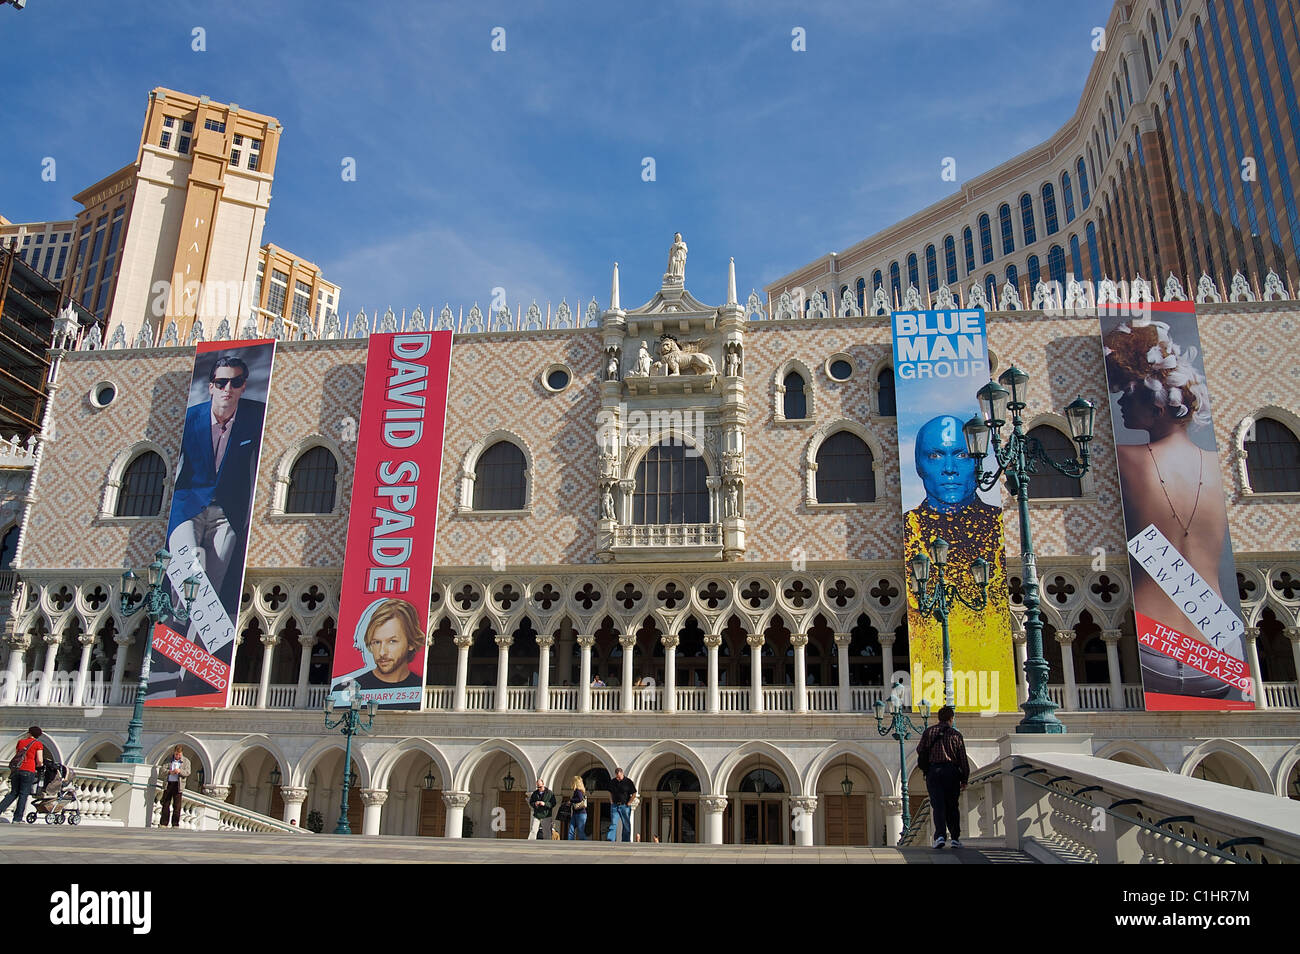 Une partie de la façade de la Las Vegas Hotel, Casino & Resort, Bannières et animations publicitaires headliners Banque D'Images